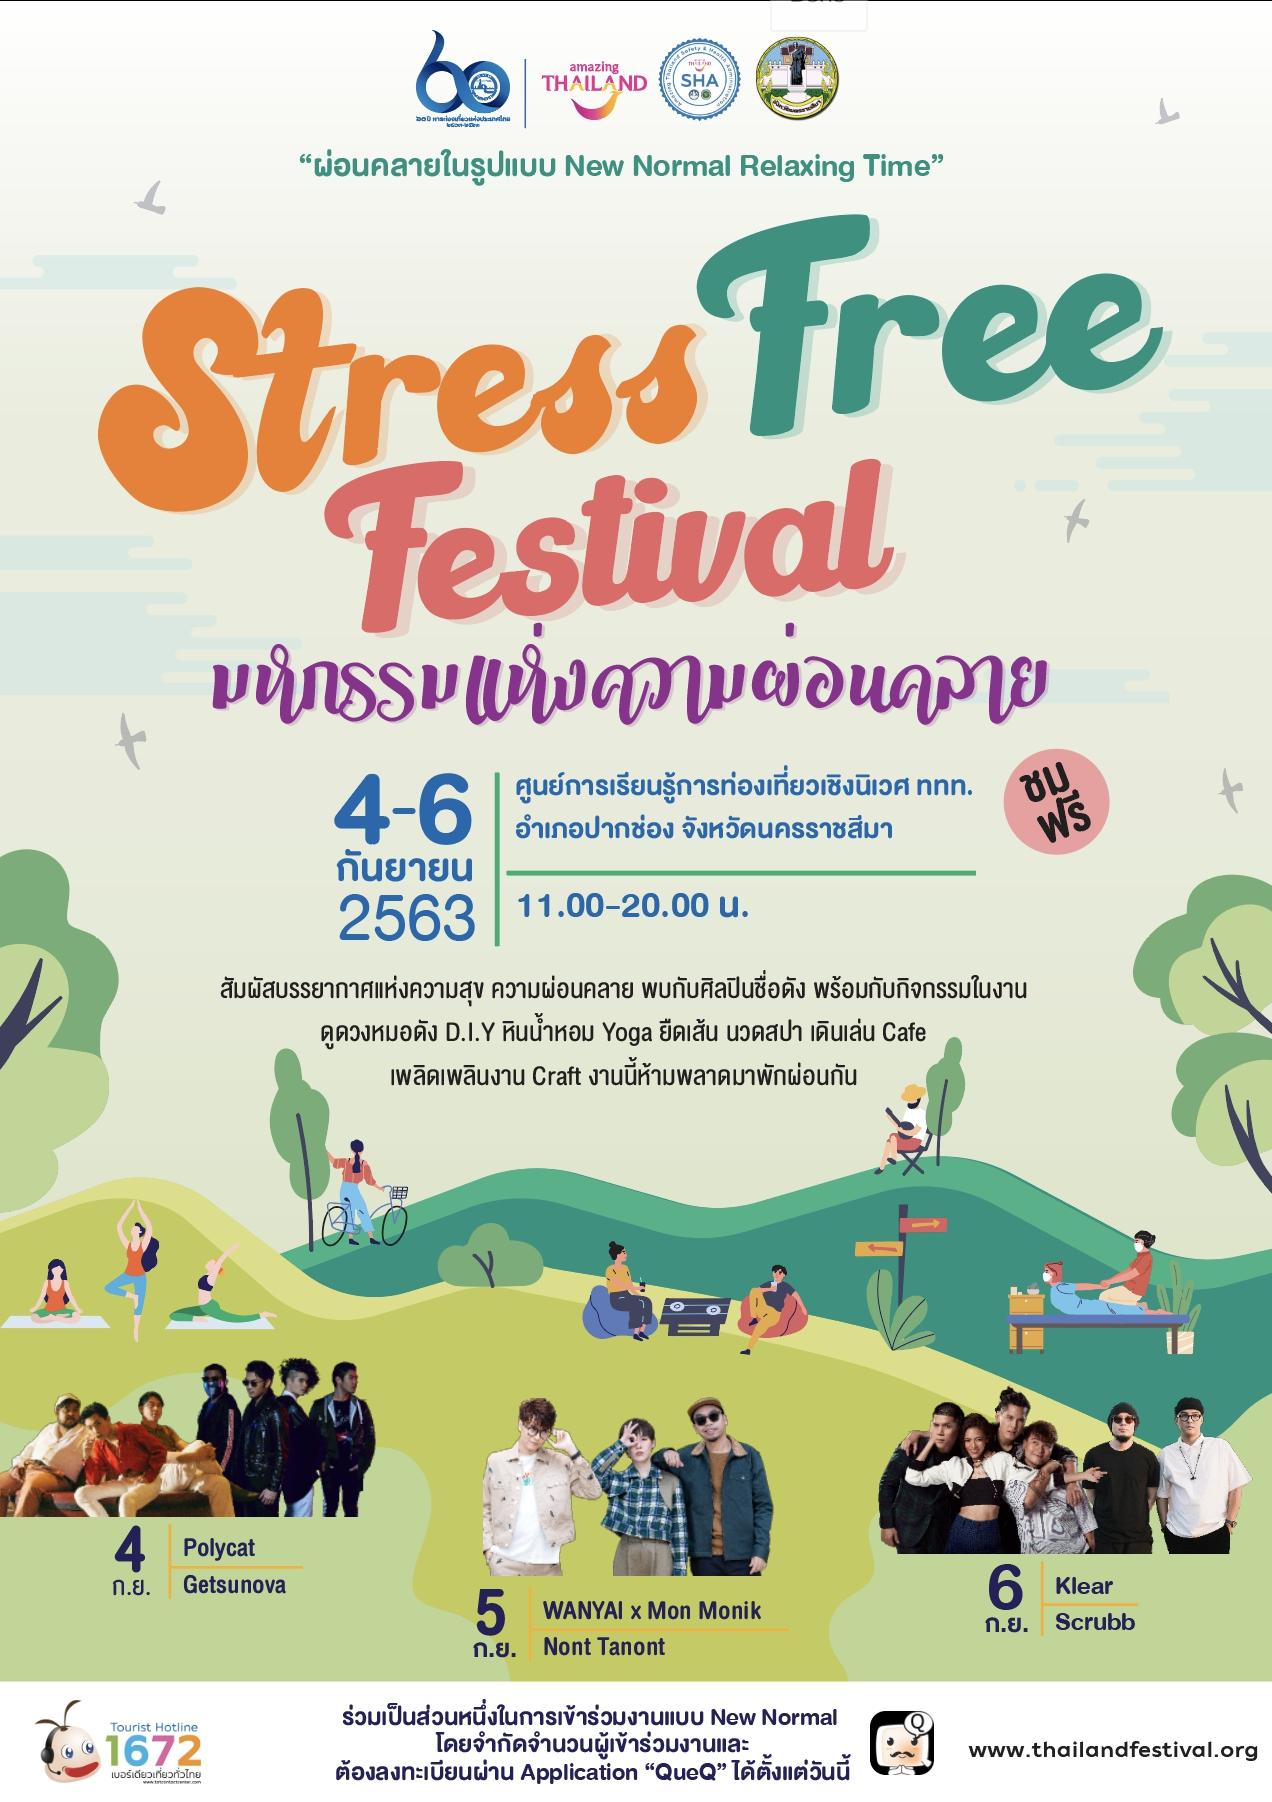 ปักหมุดหยุดยาวนี้! ททท. ชวนเที่ยวงาน Stress Free Festival @เขาใหญ่ สไตล์ New Normal Relaxing Time